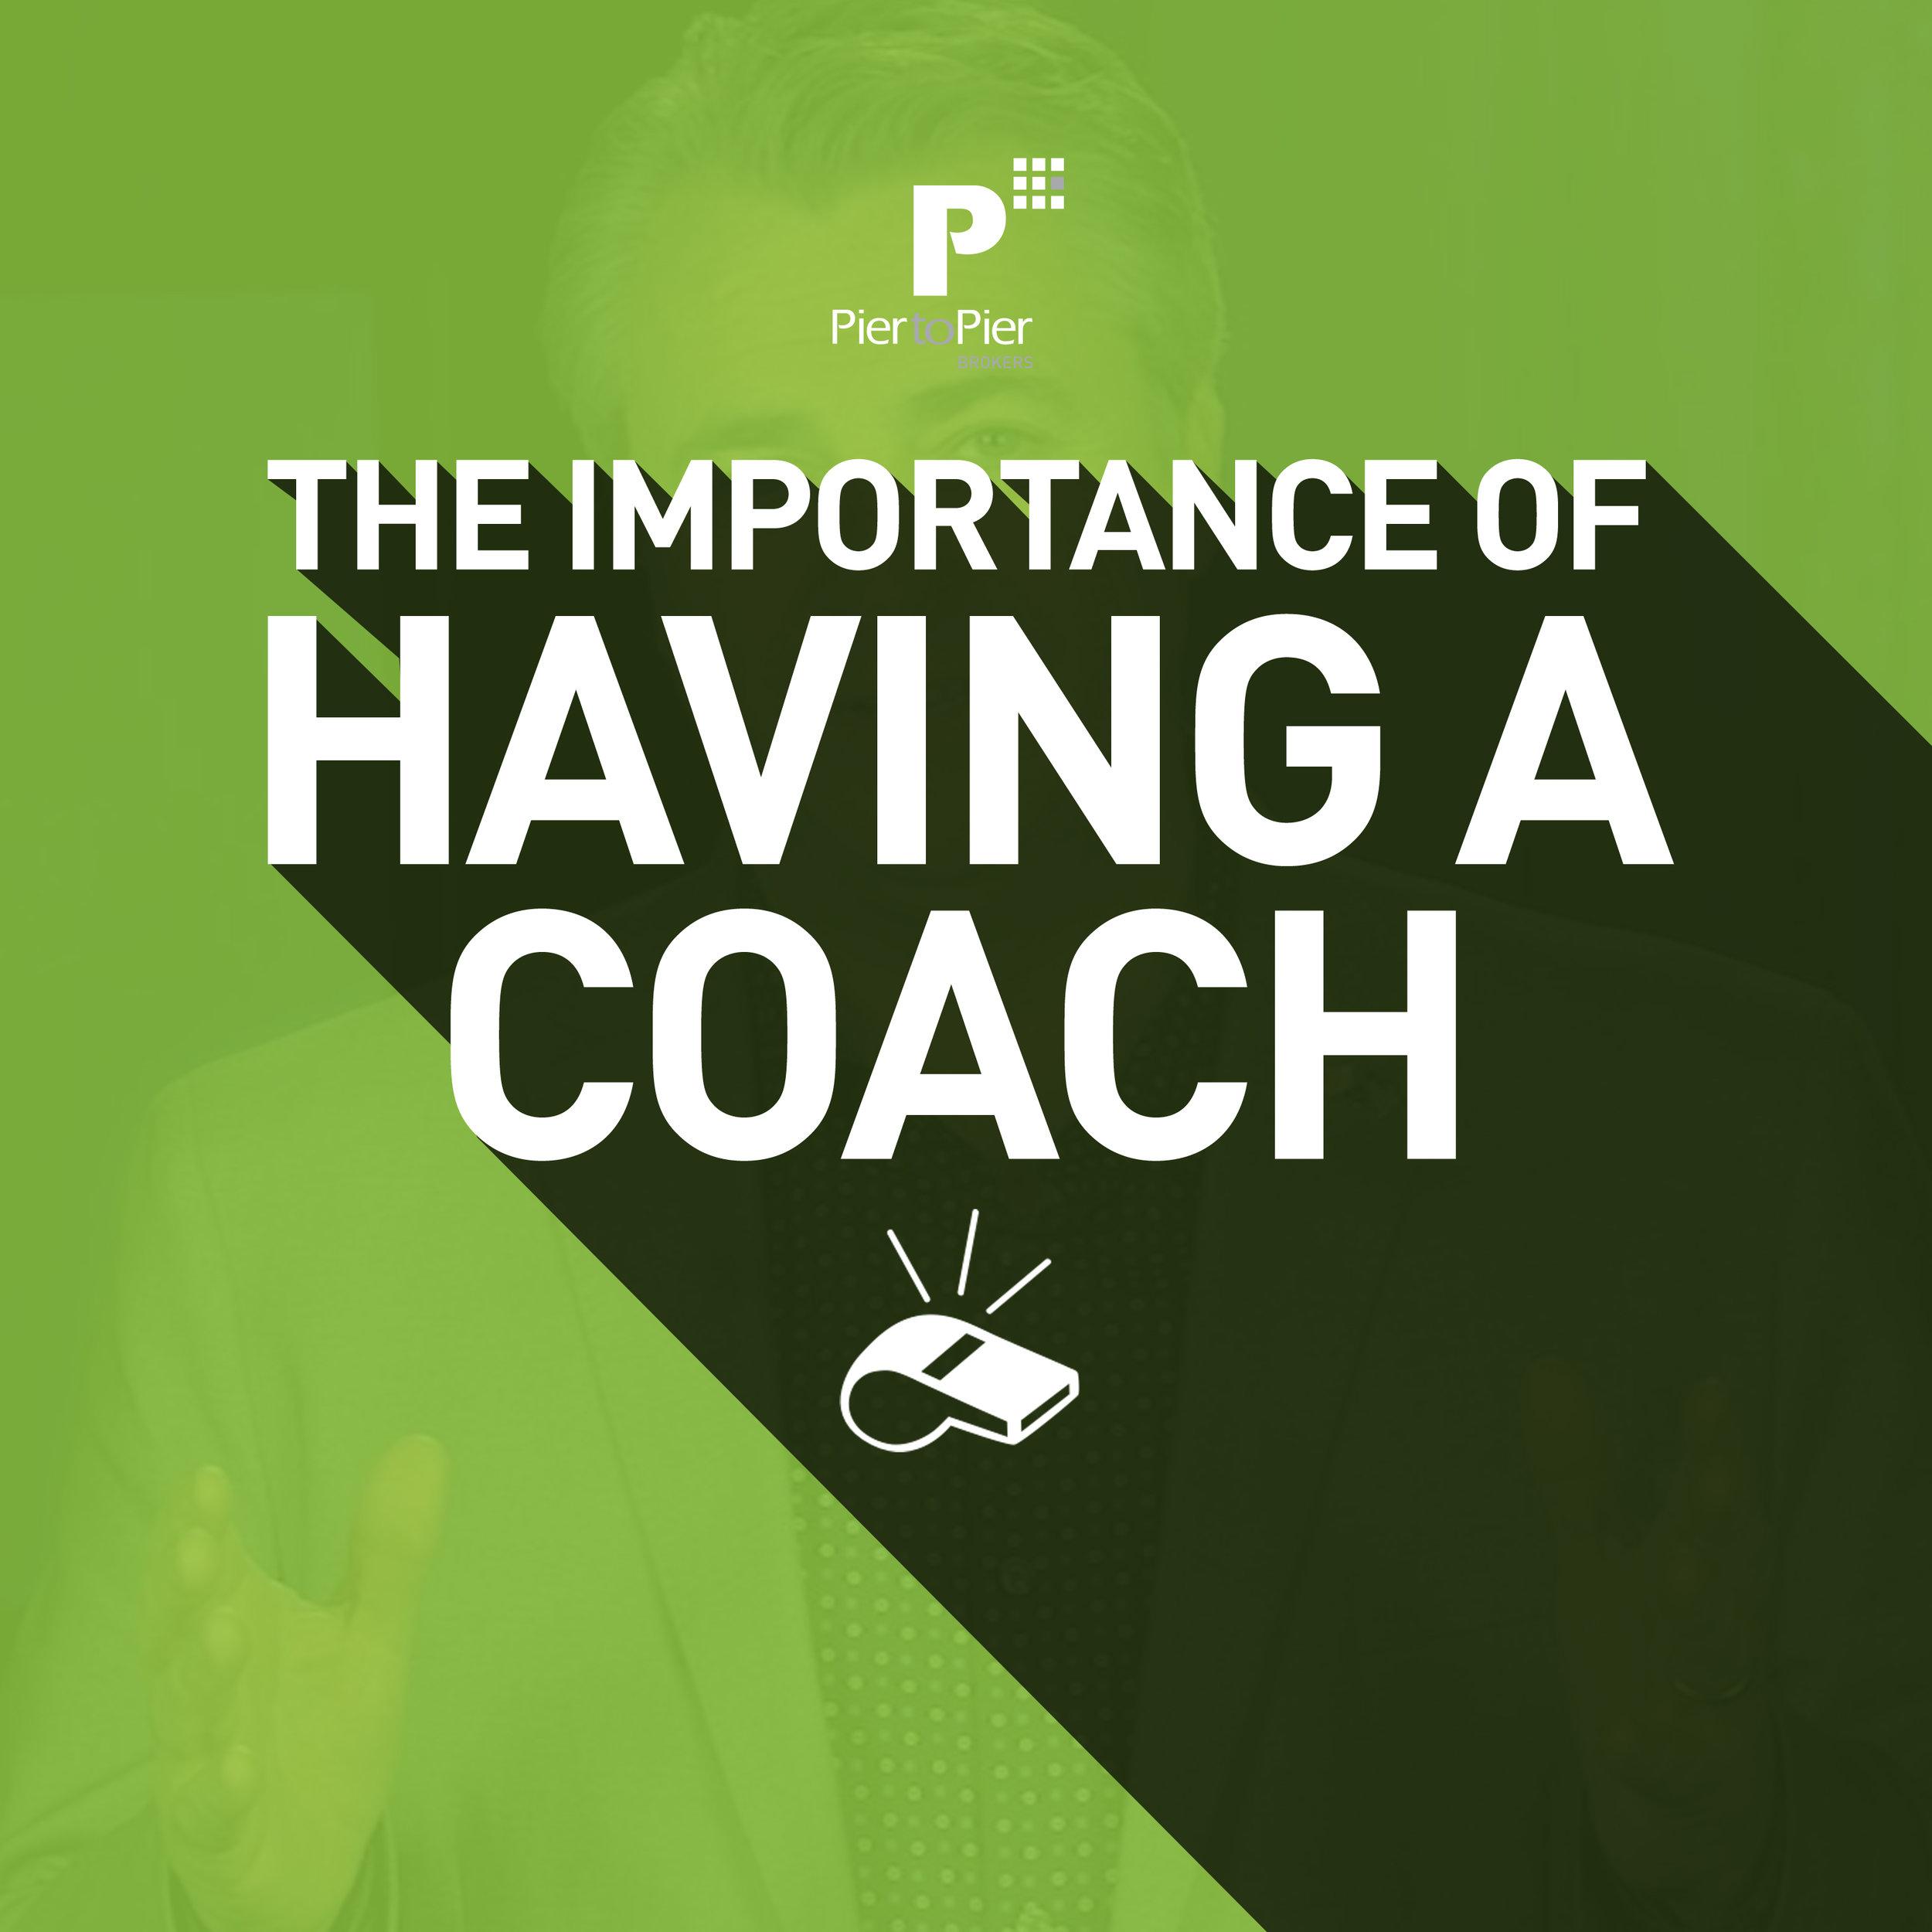 Coach Photo.jpg